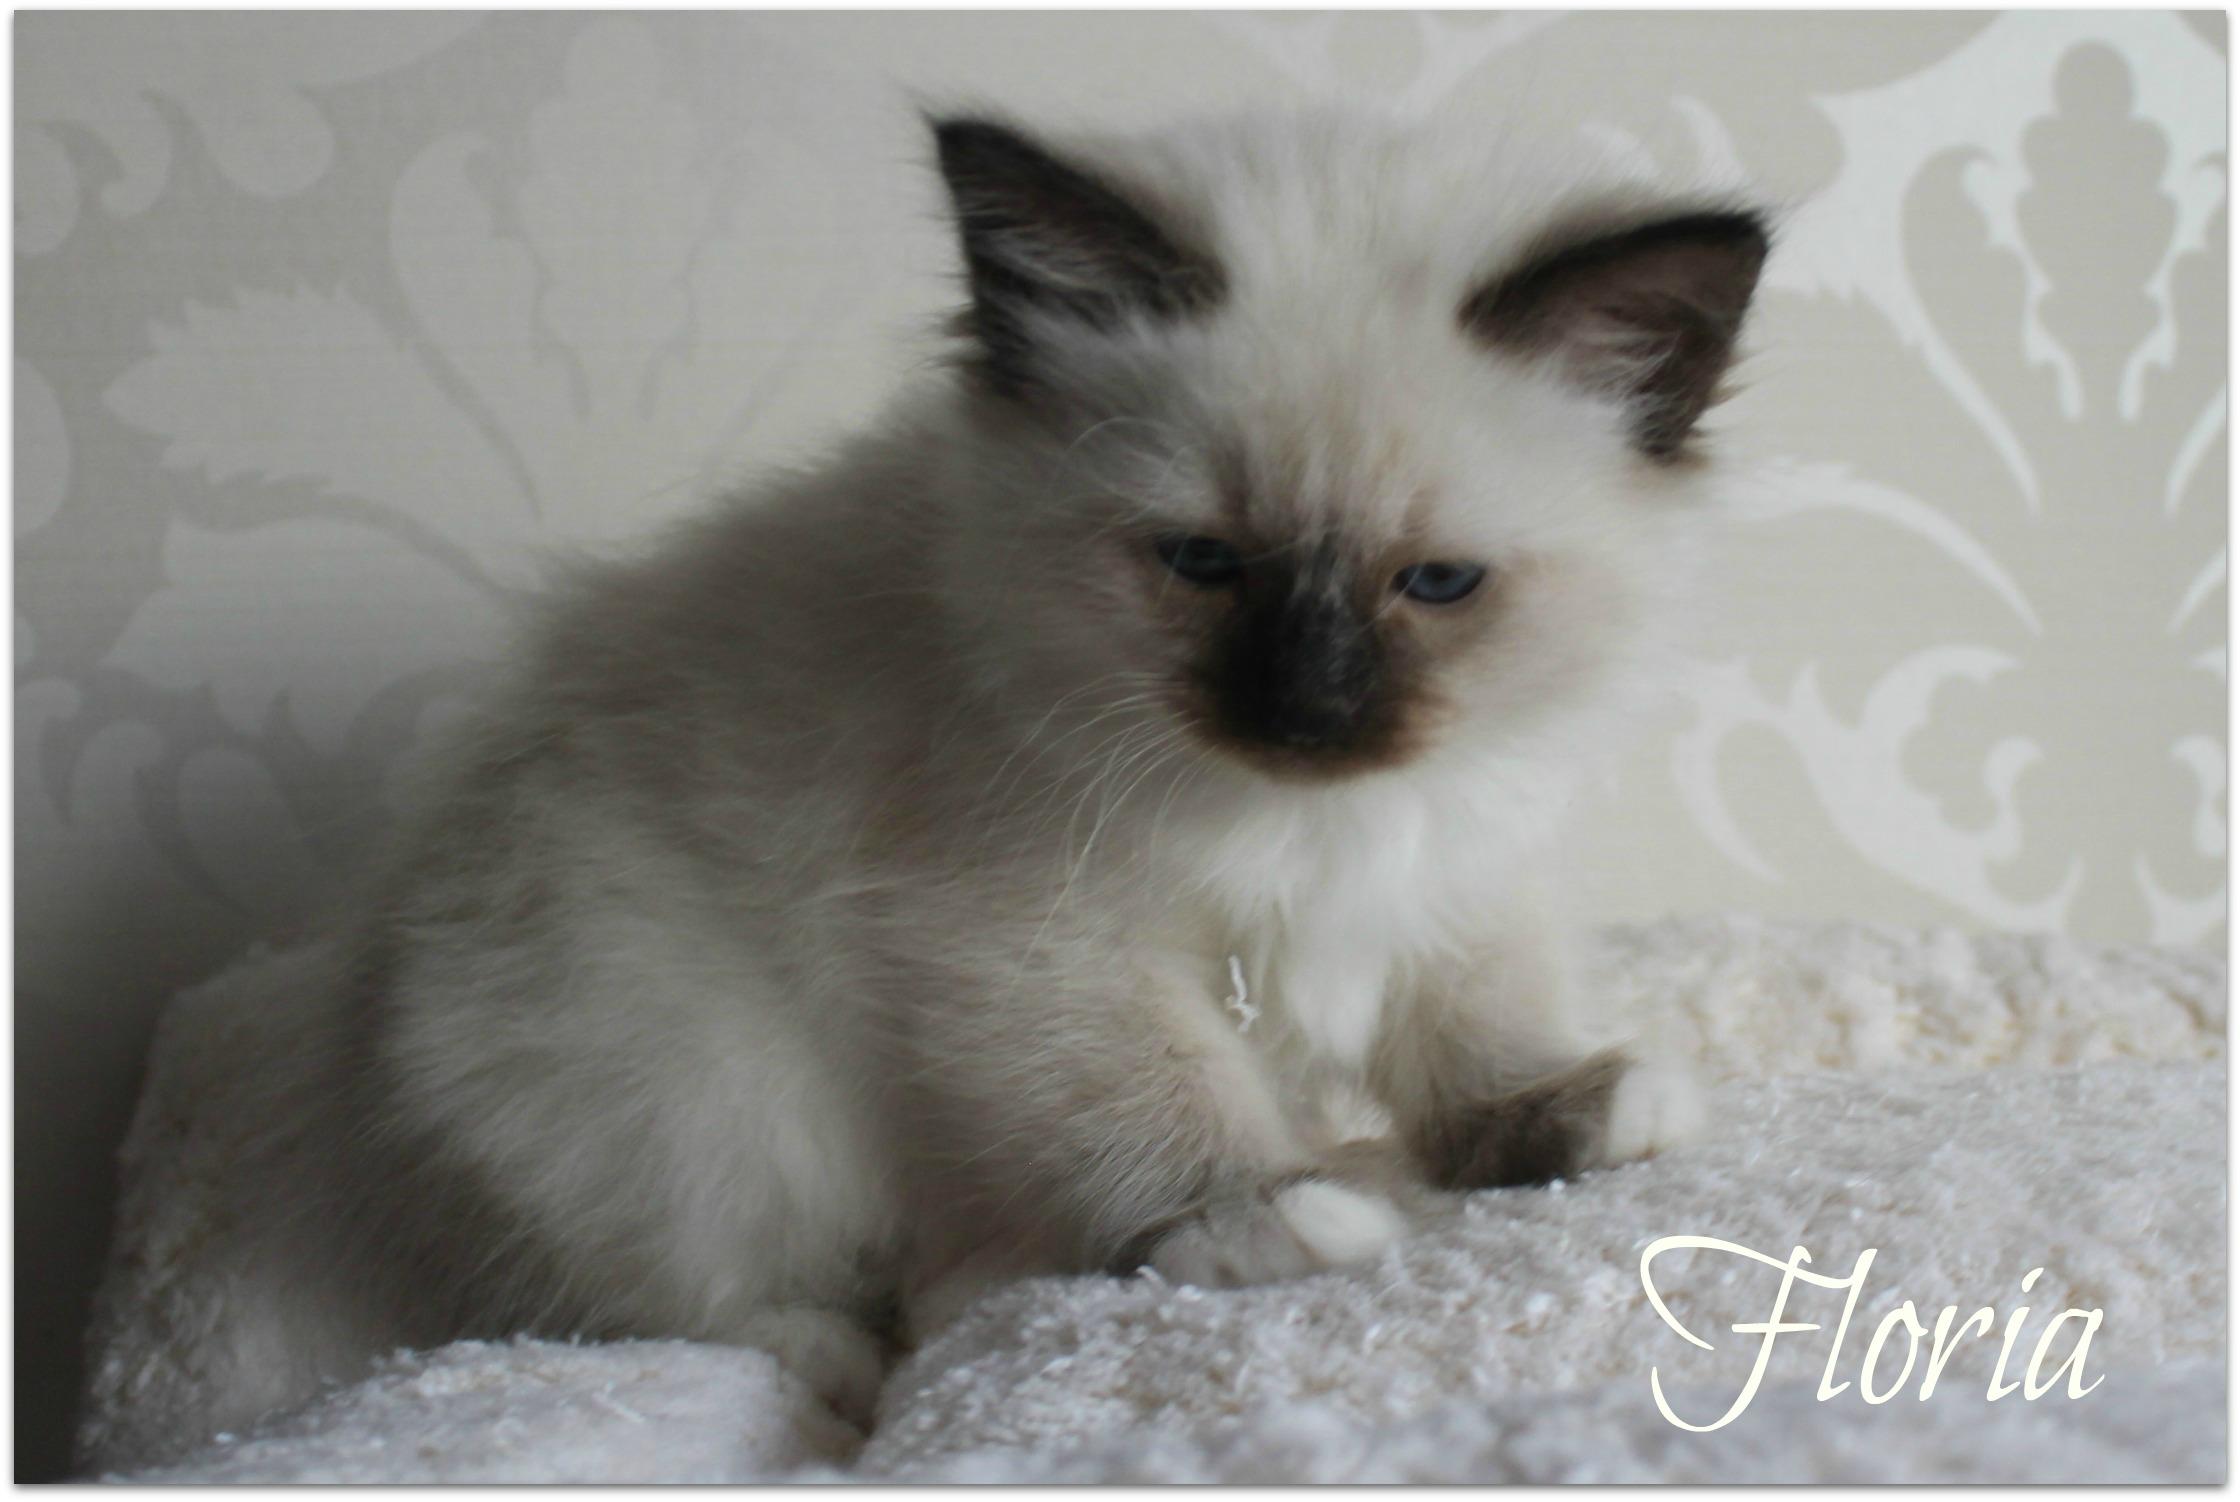 floria33